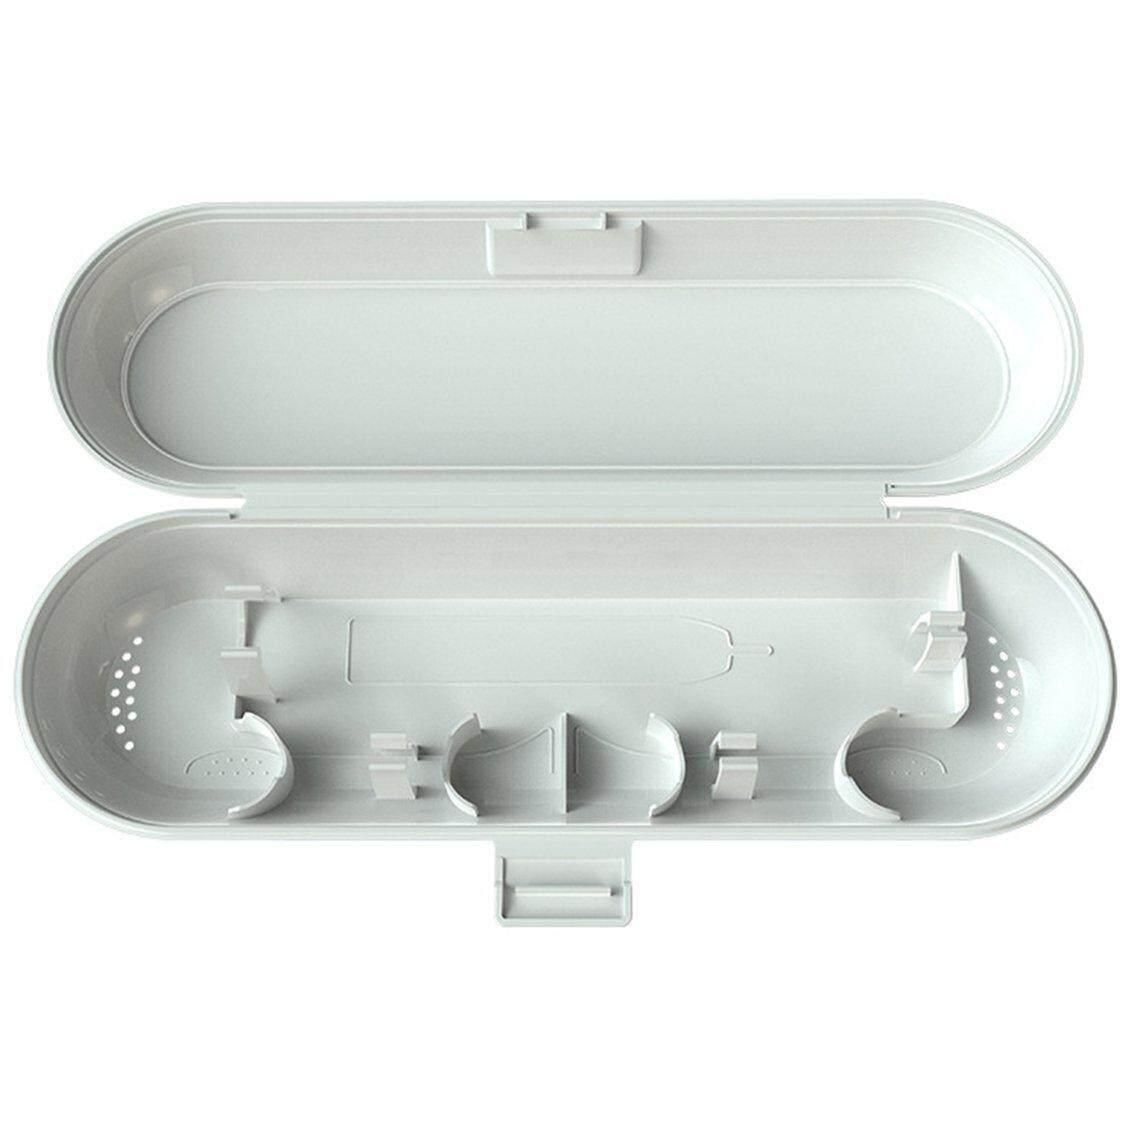 แปรงสีฟันไฟฟ้า ช่วยดูแลสุขภาพช่องปาก ชุมพร ส่วนลดที่ดีที่สุดสำหรับ Orole Universal Electric TOOT Hbrush กล่อง TOOT Hbrush กล่องเก็บของ